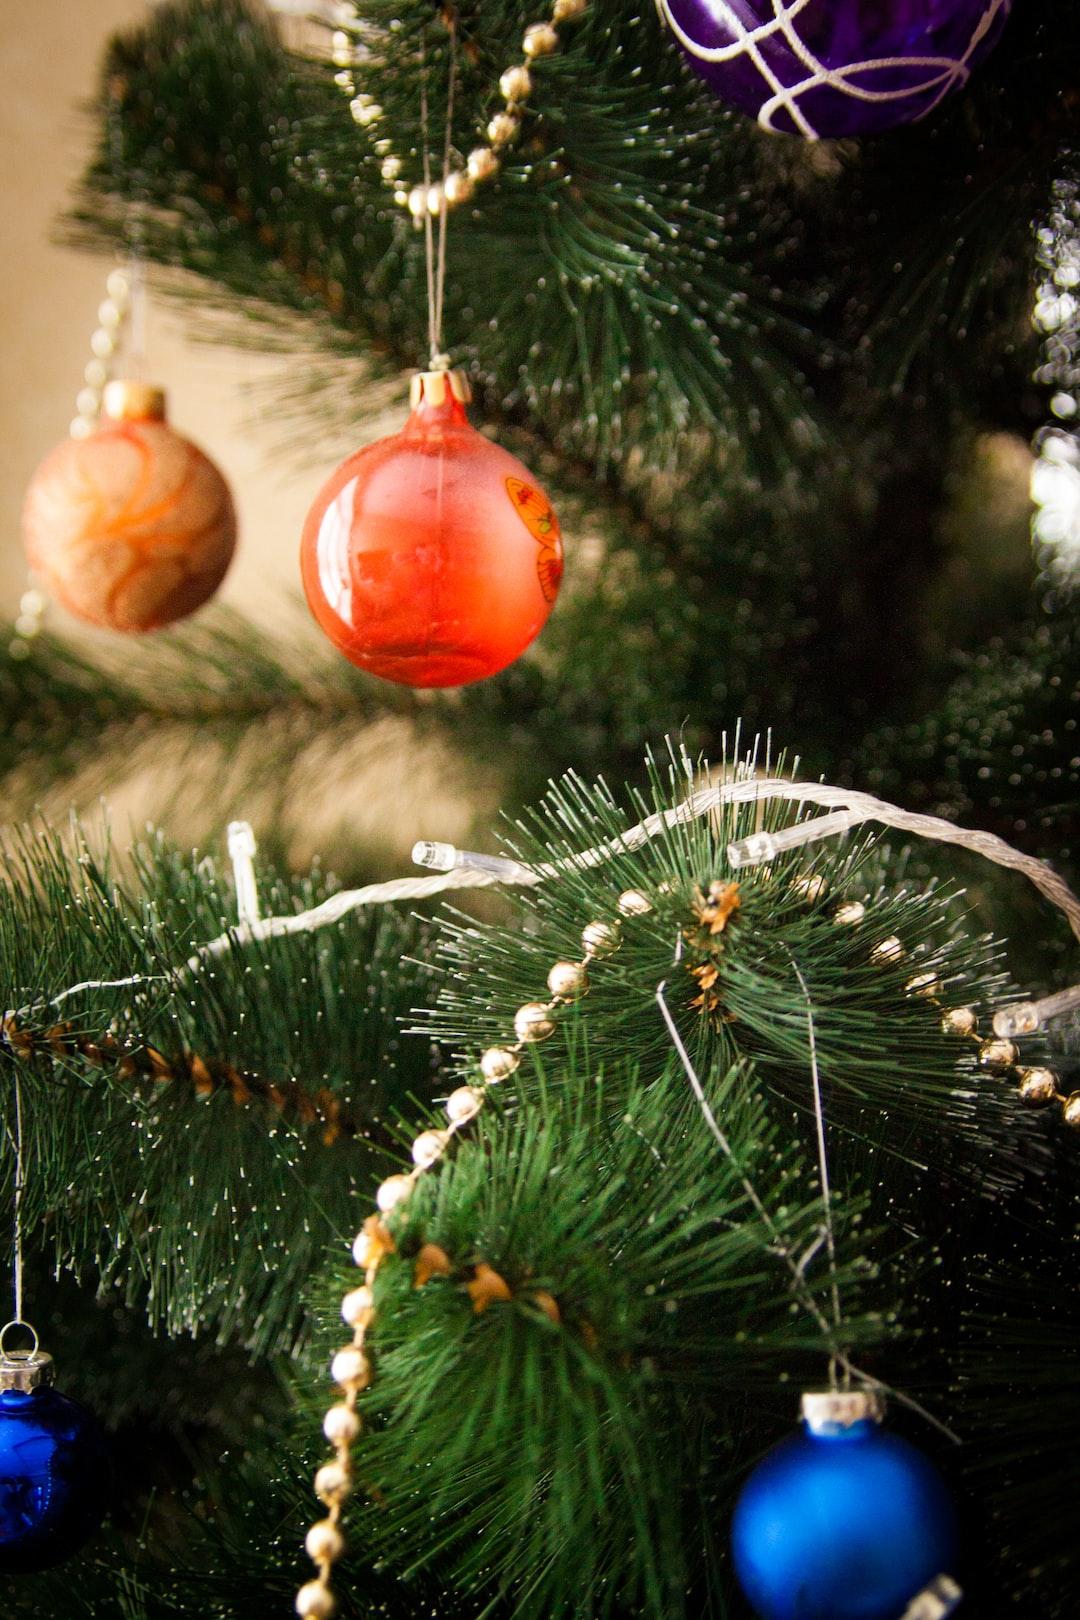 Christmas tree and balls